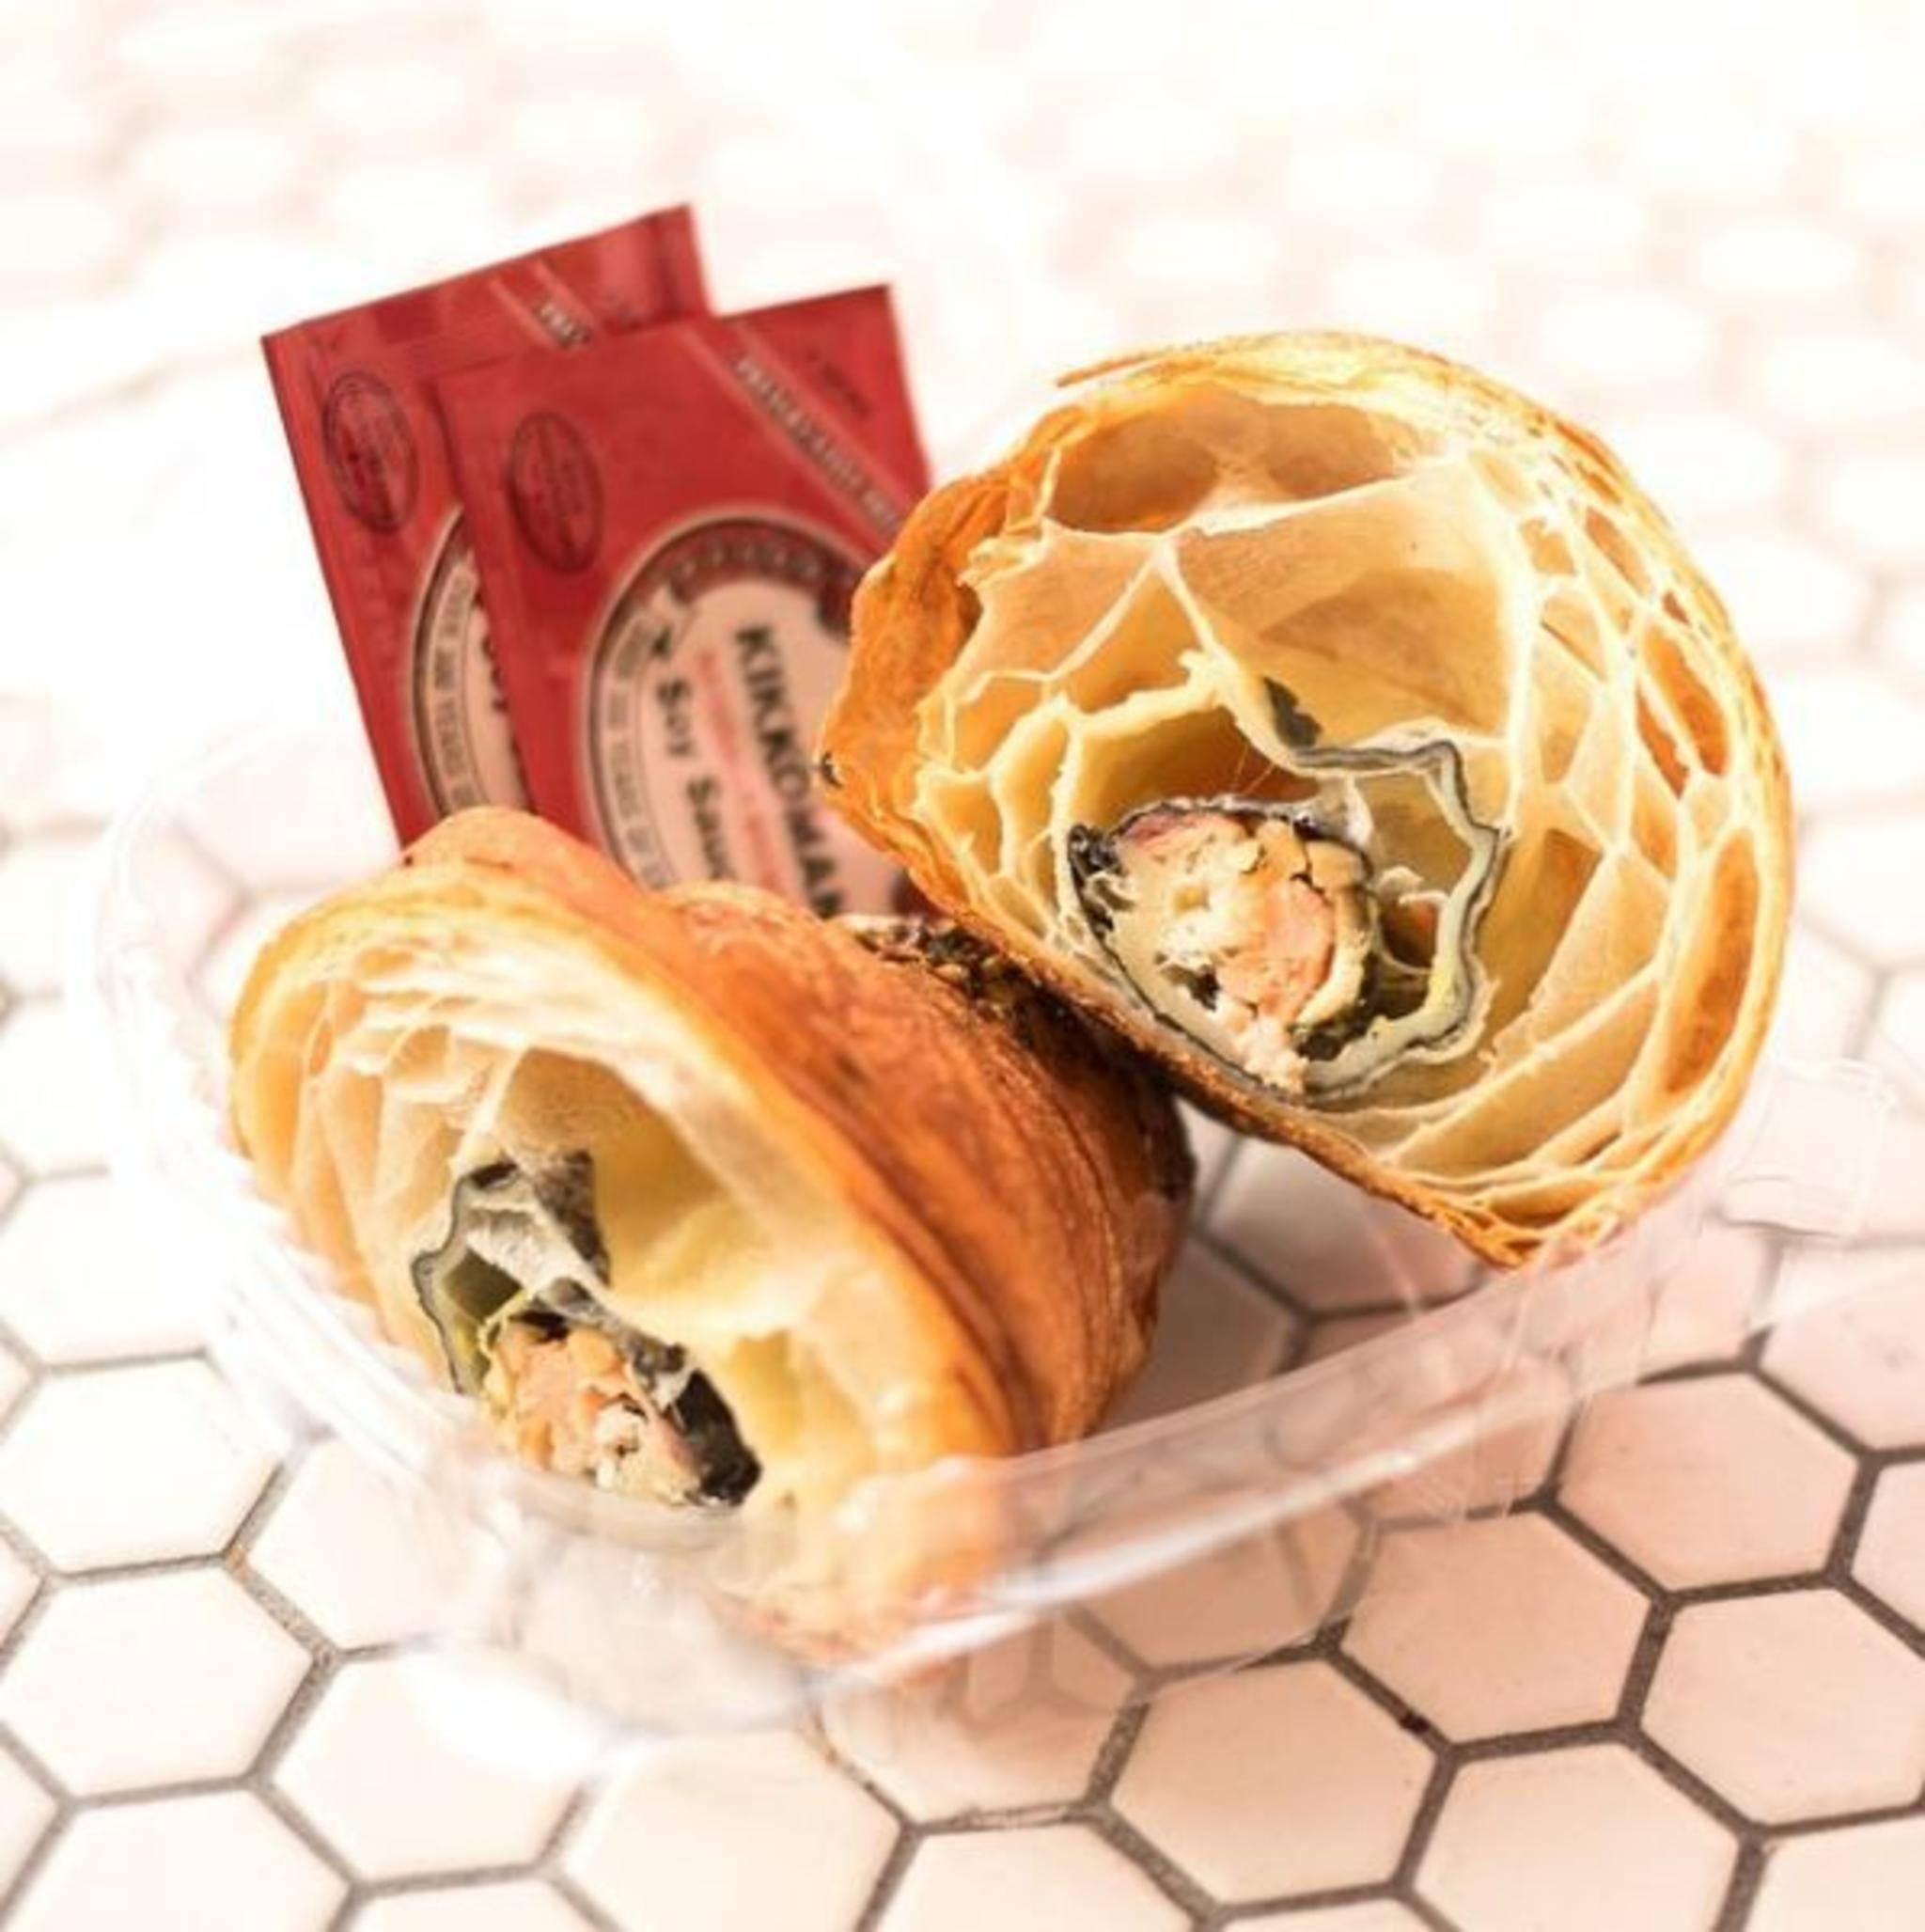 West trifft Ost: Dieses Croissant ist mit Sushi gefüllt.